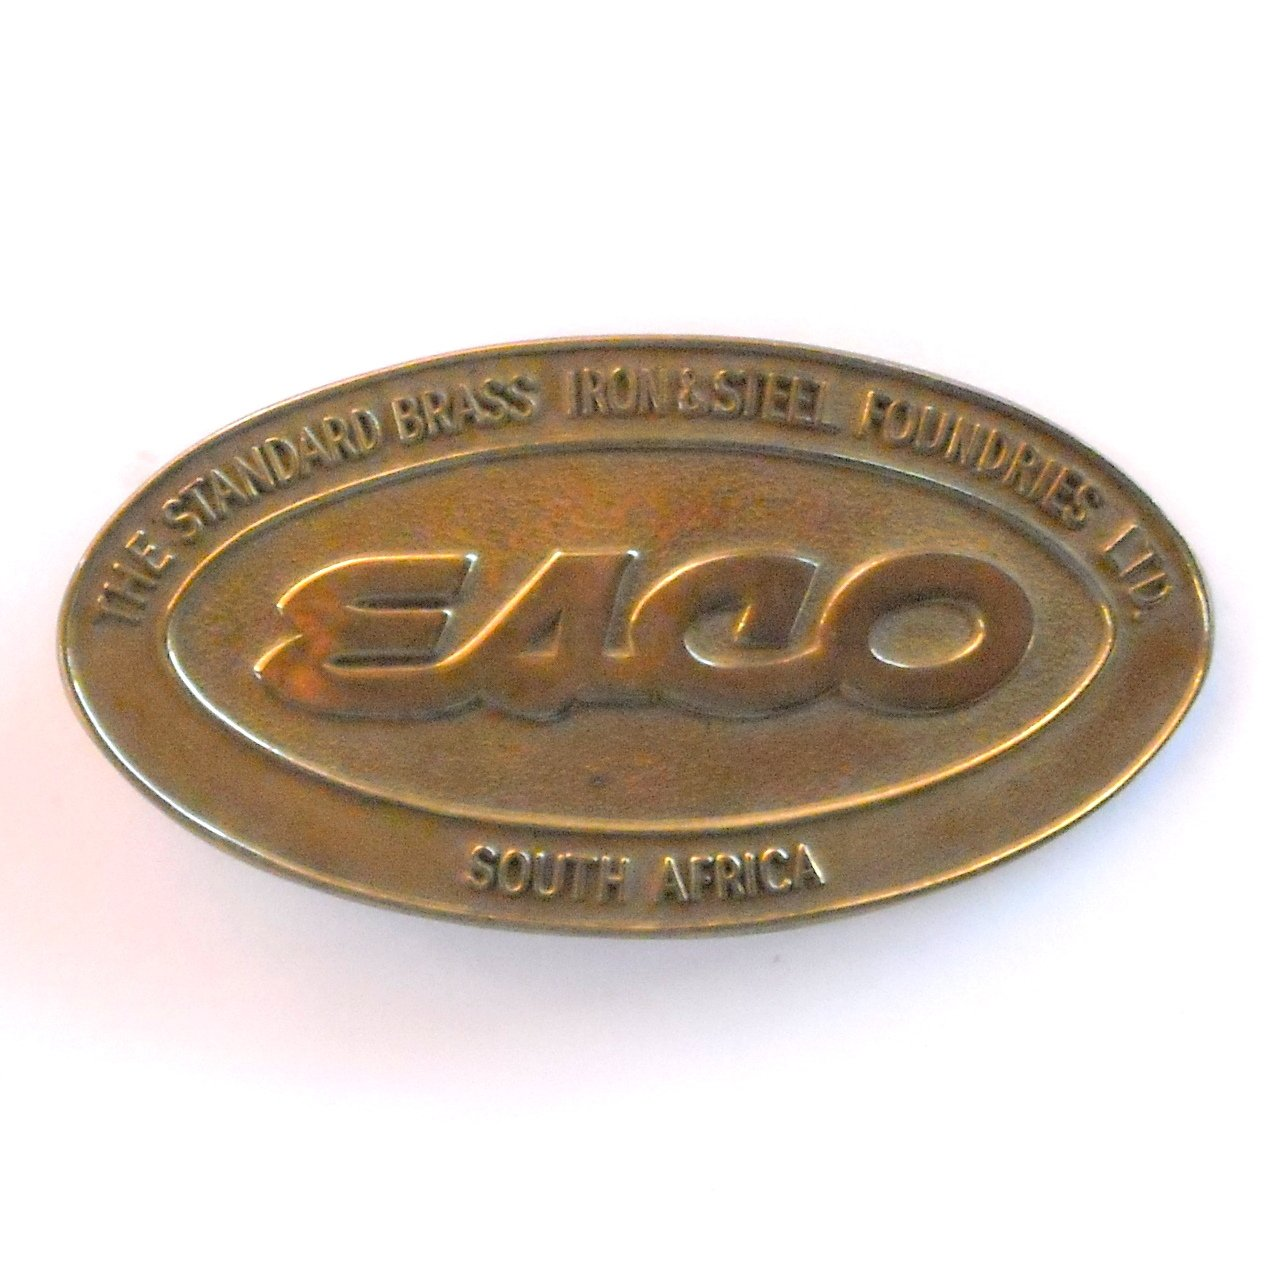 Vintage Esco South Africa Brass Belt Buckle